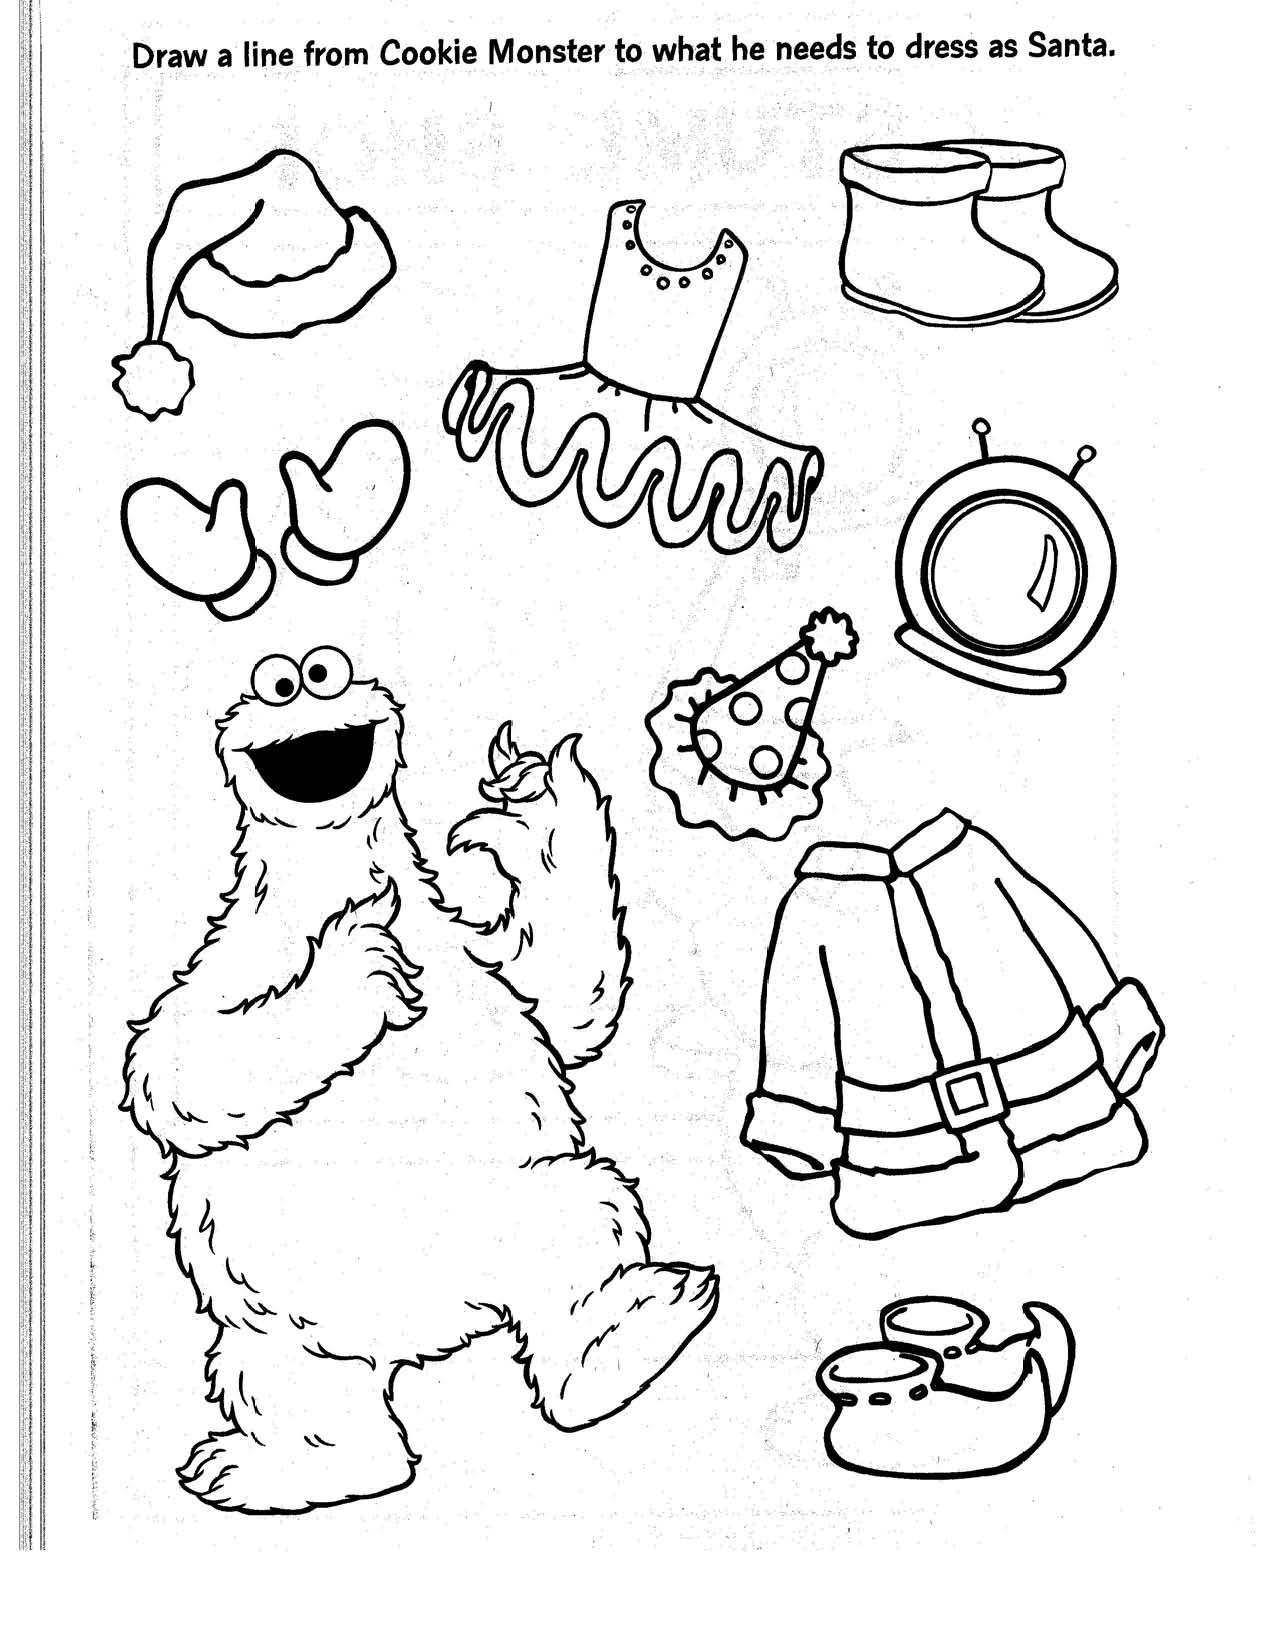 Asombroso Colorear Monstruo De Galleta De Elmo Composición - Dibujos ...